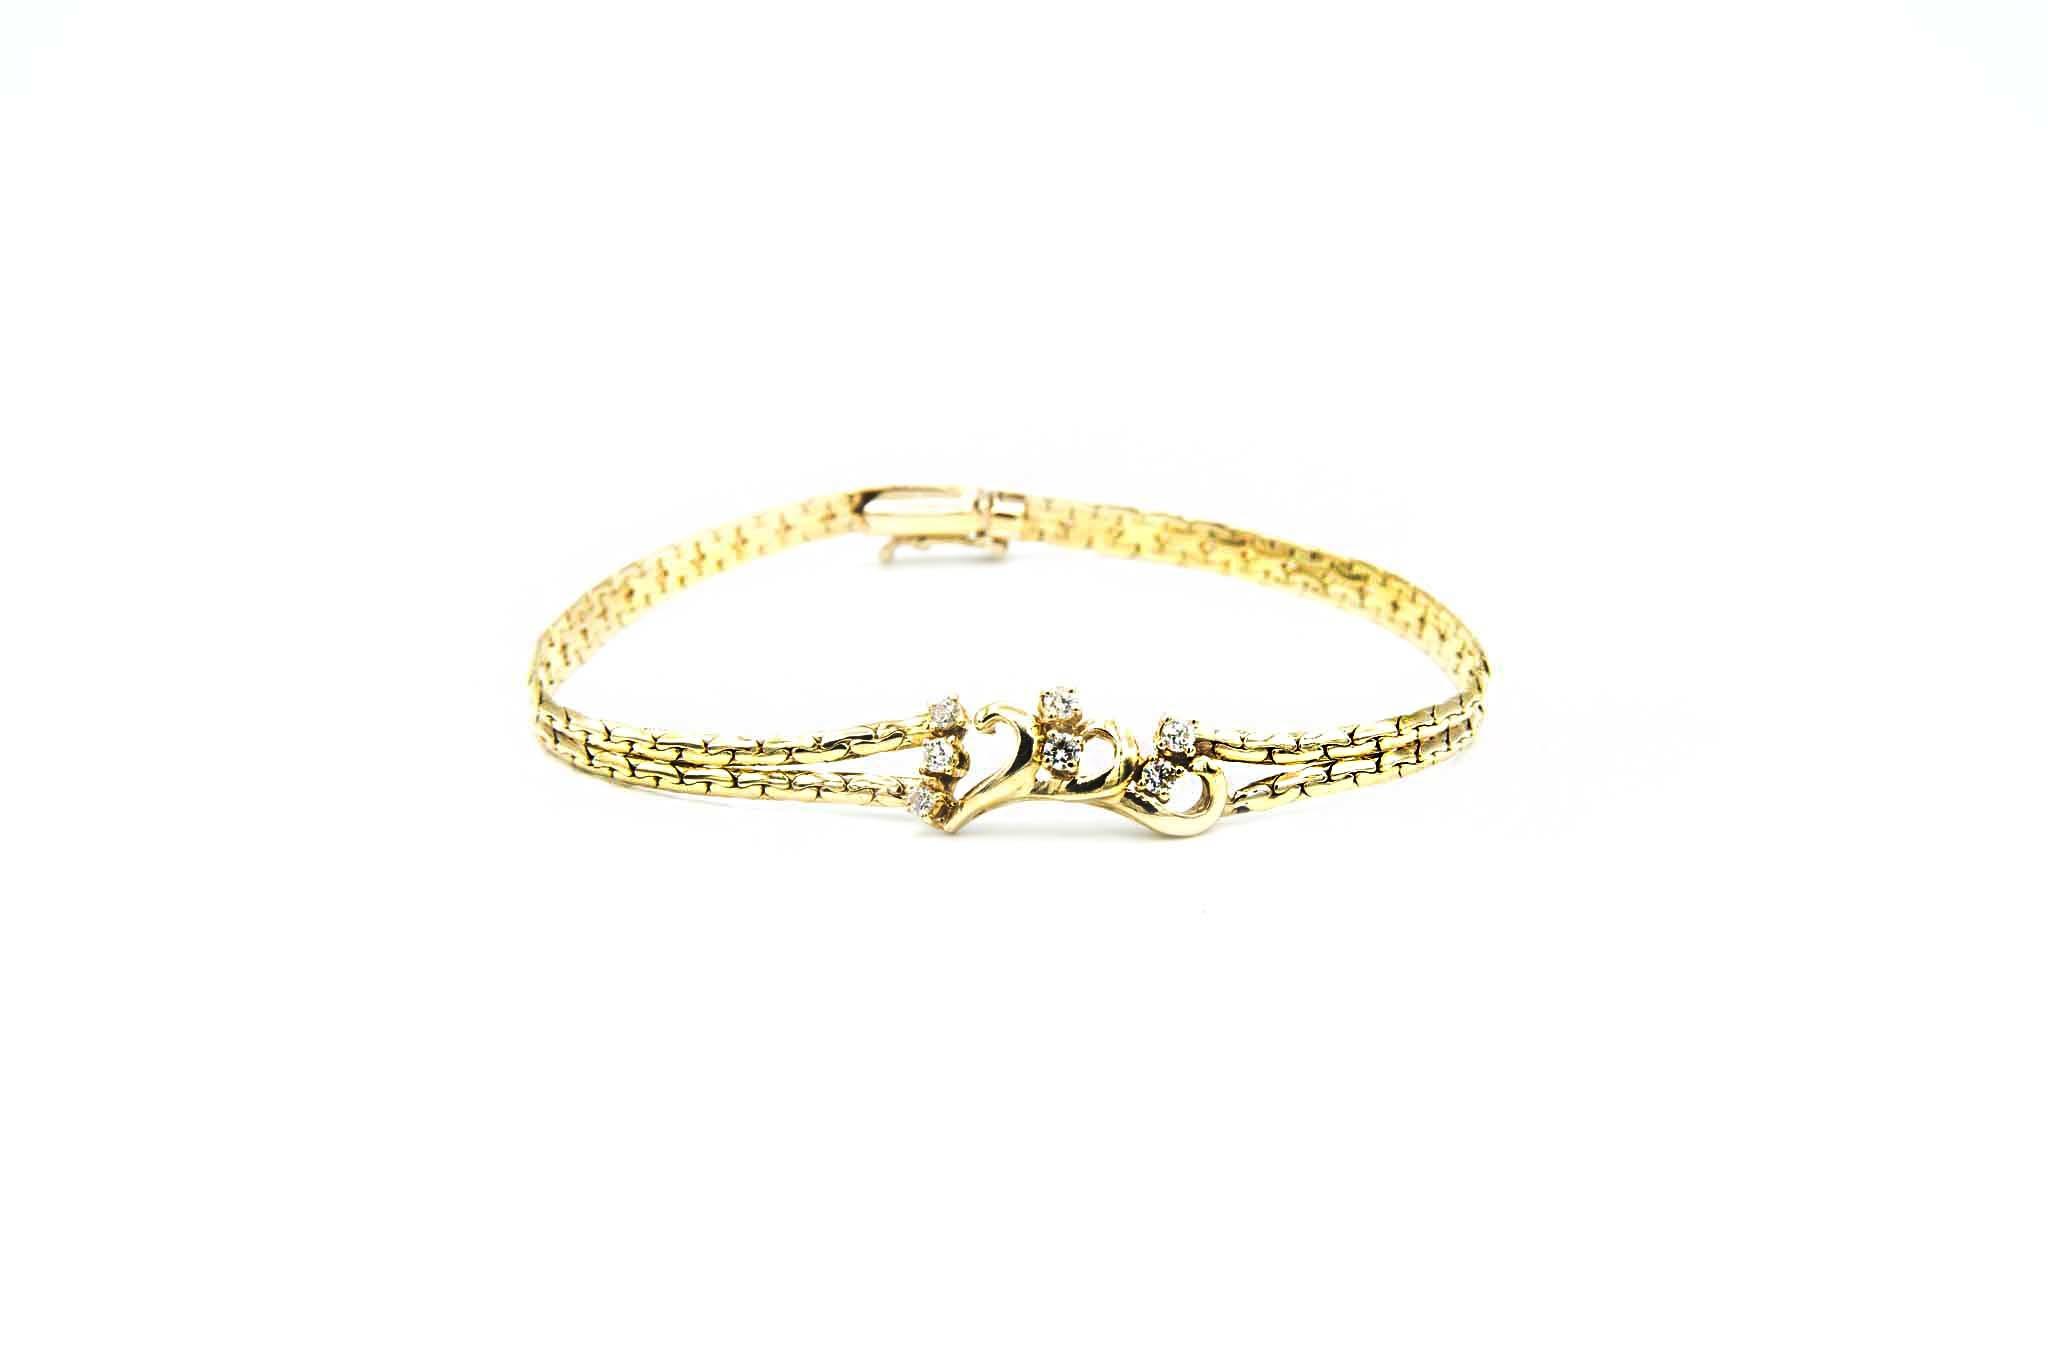 Armband met sierkrullen en zirkonia's-1